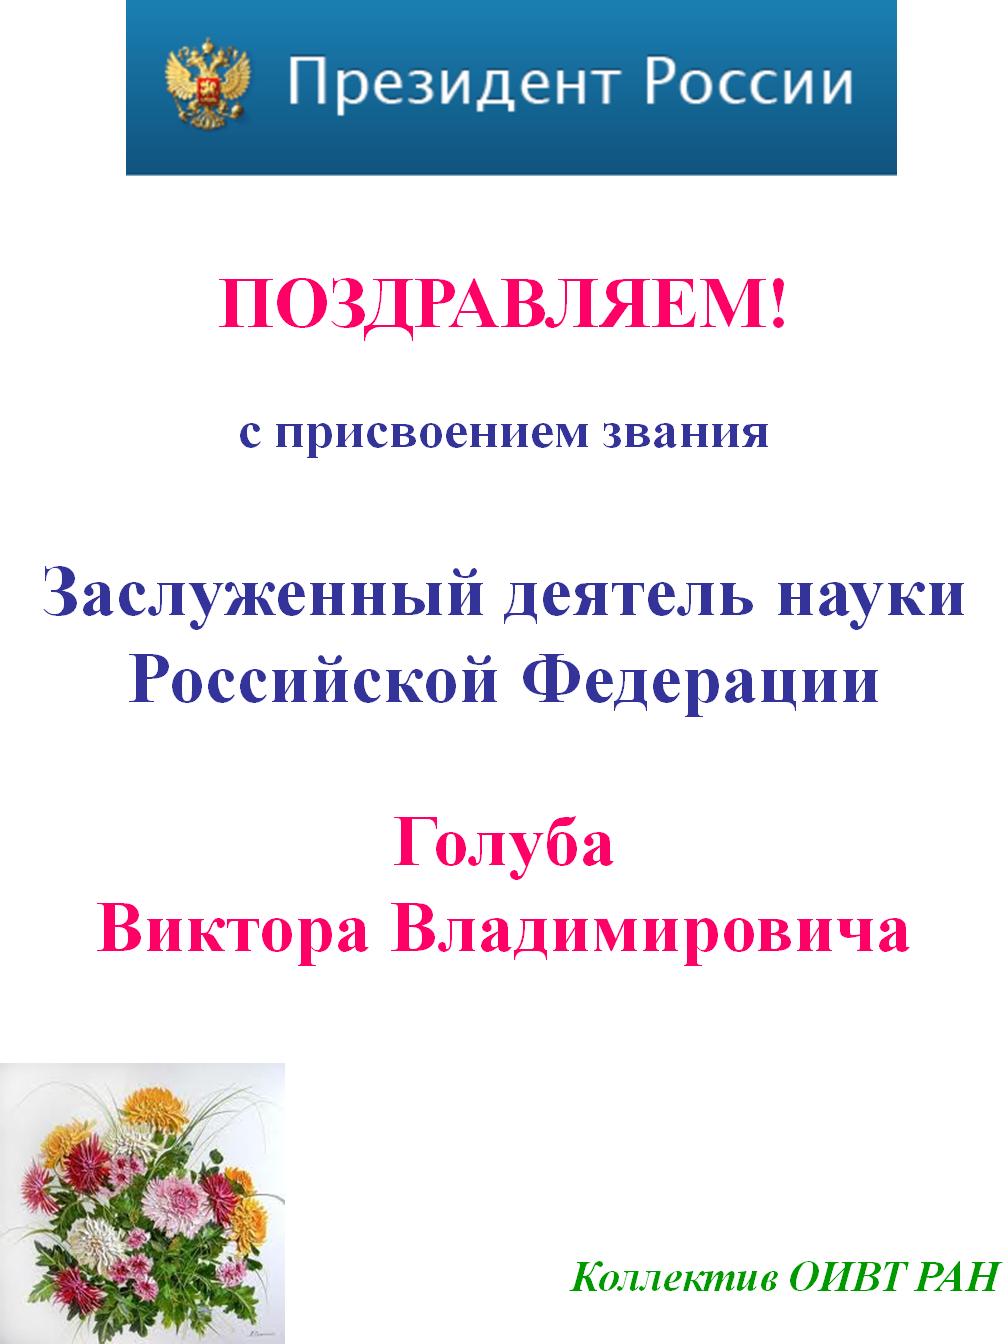 Поздравление с получением звания академика квартиру